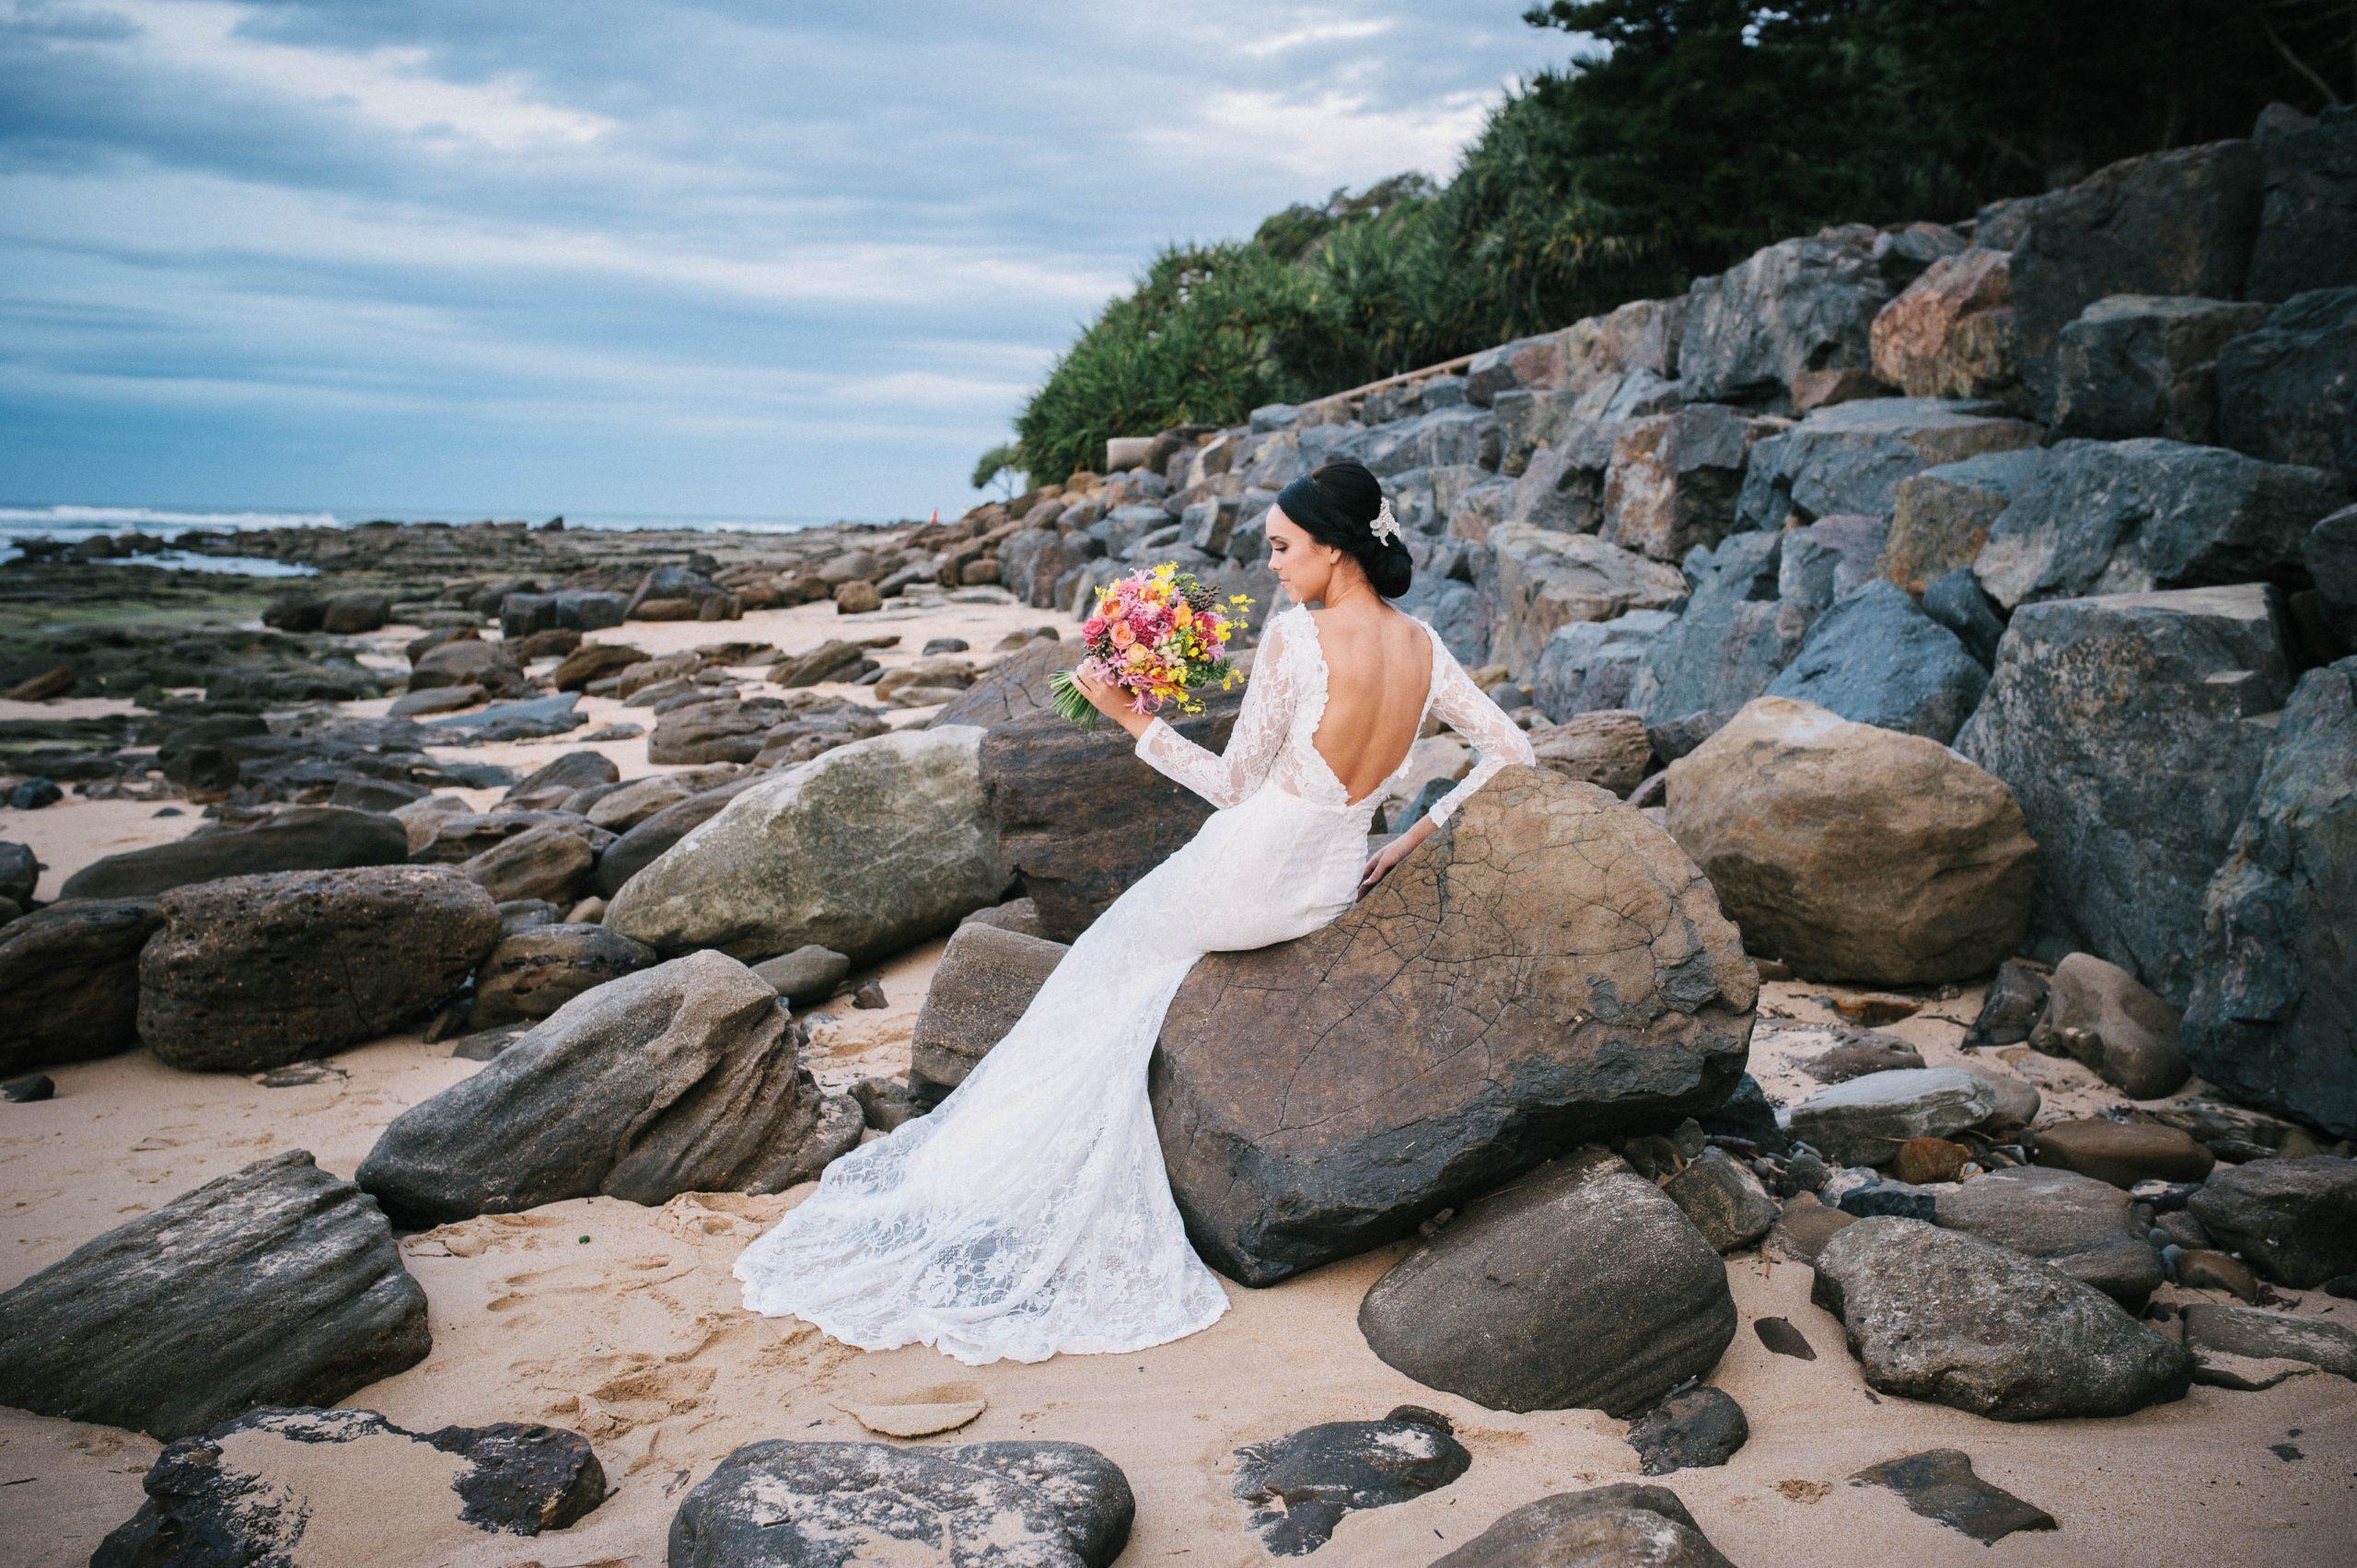 gold coast bridal wear, boho wedding dresses, gold coast wedding dresses, bohemian wedding dress, gold coast tipis